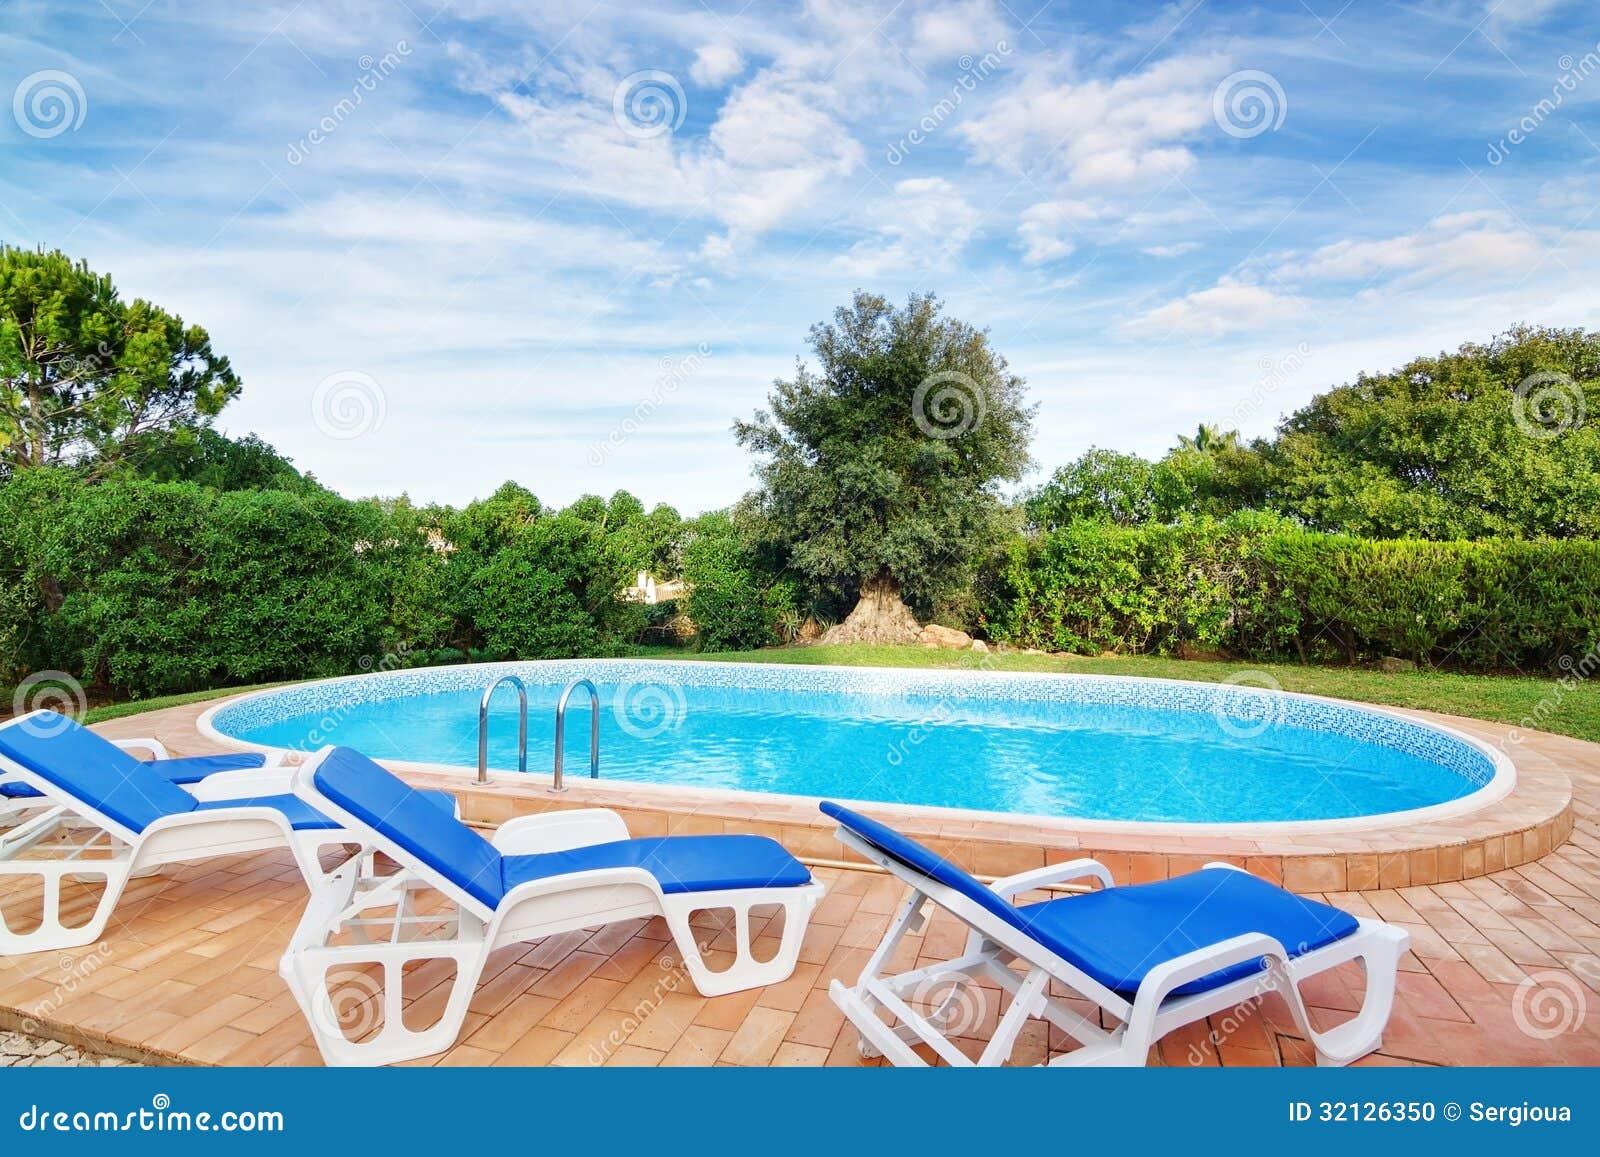 Piscine de luxe avec des canapés du soleil. Pour la relaxation.